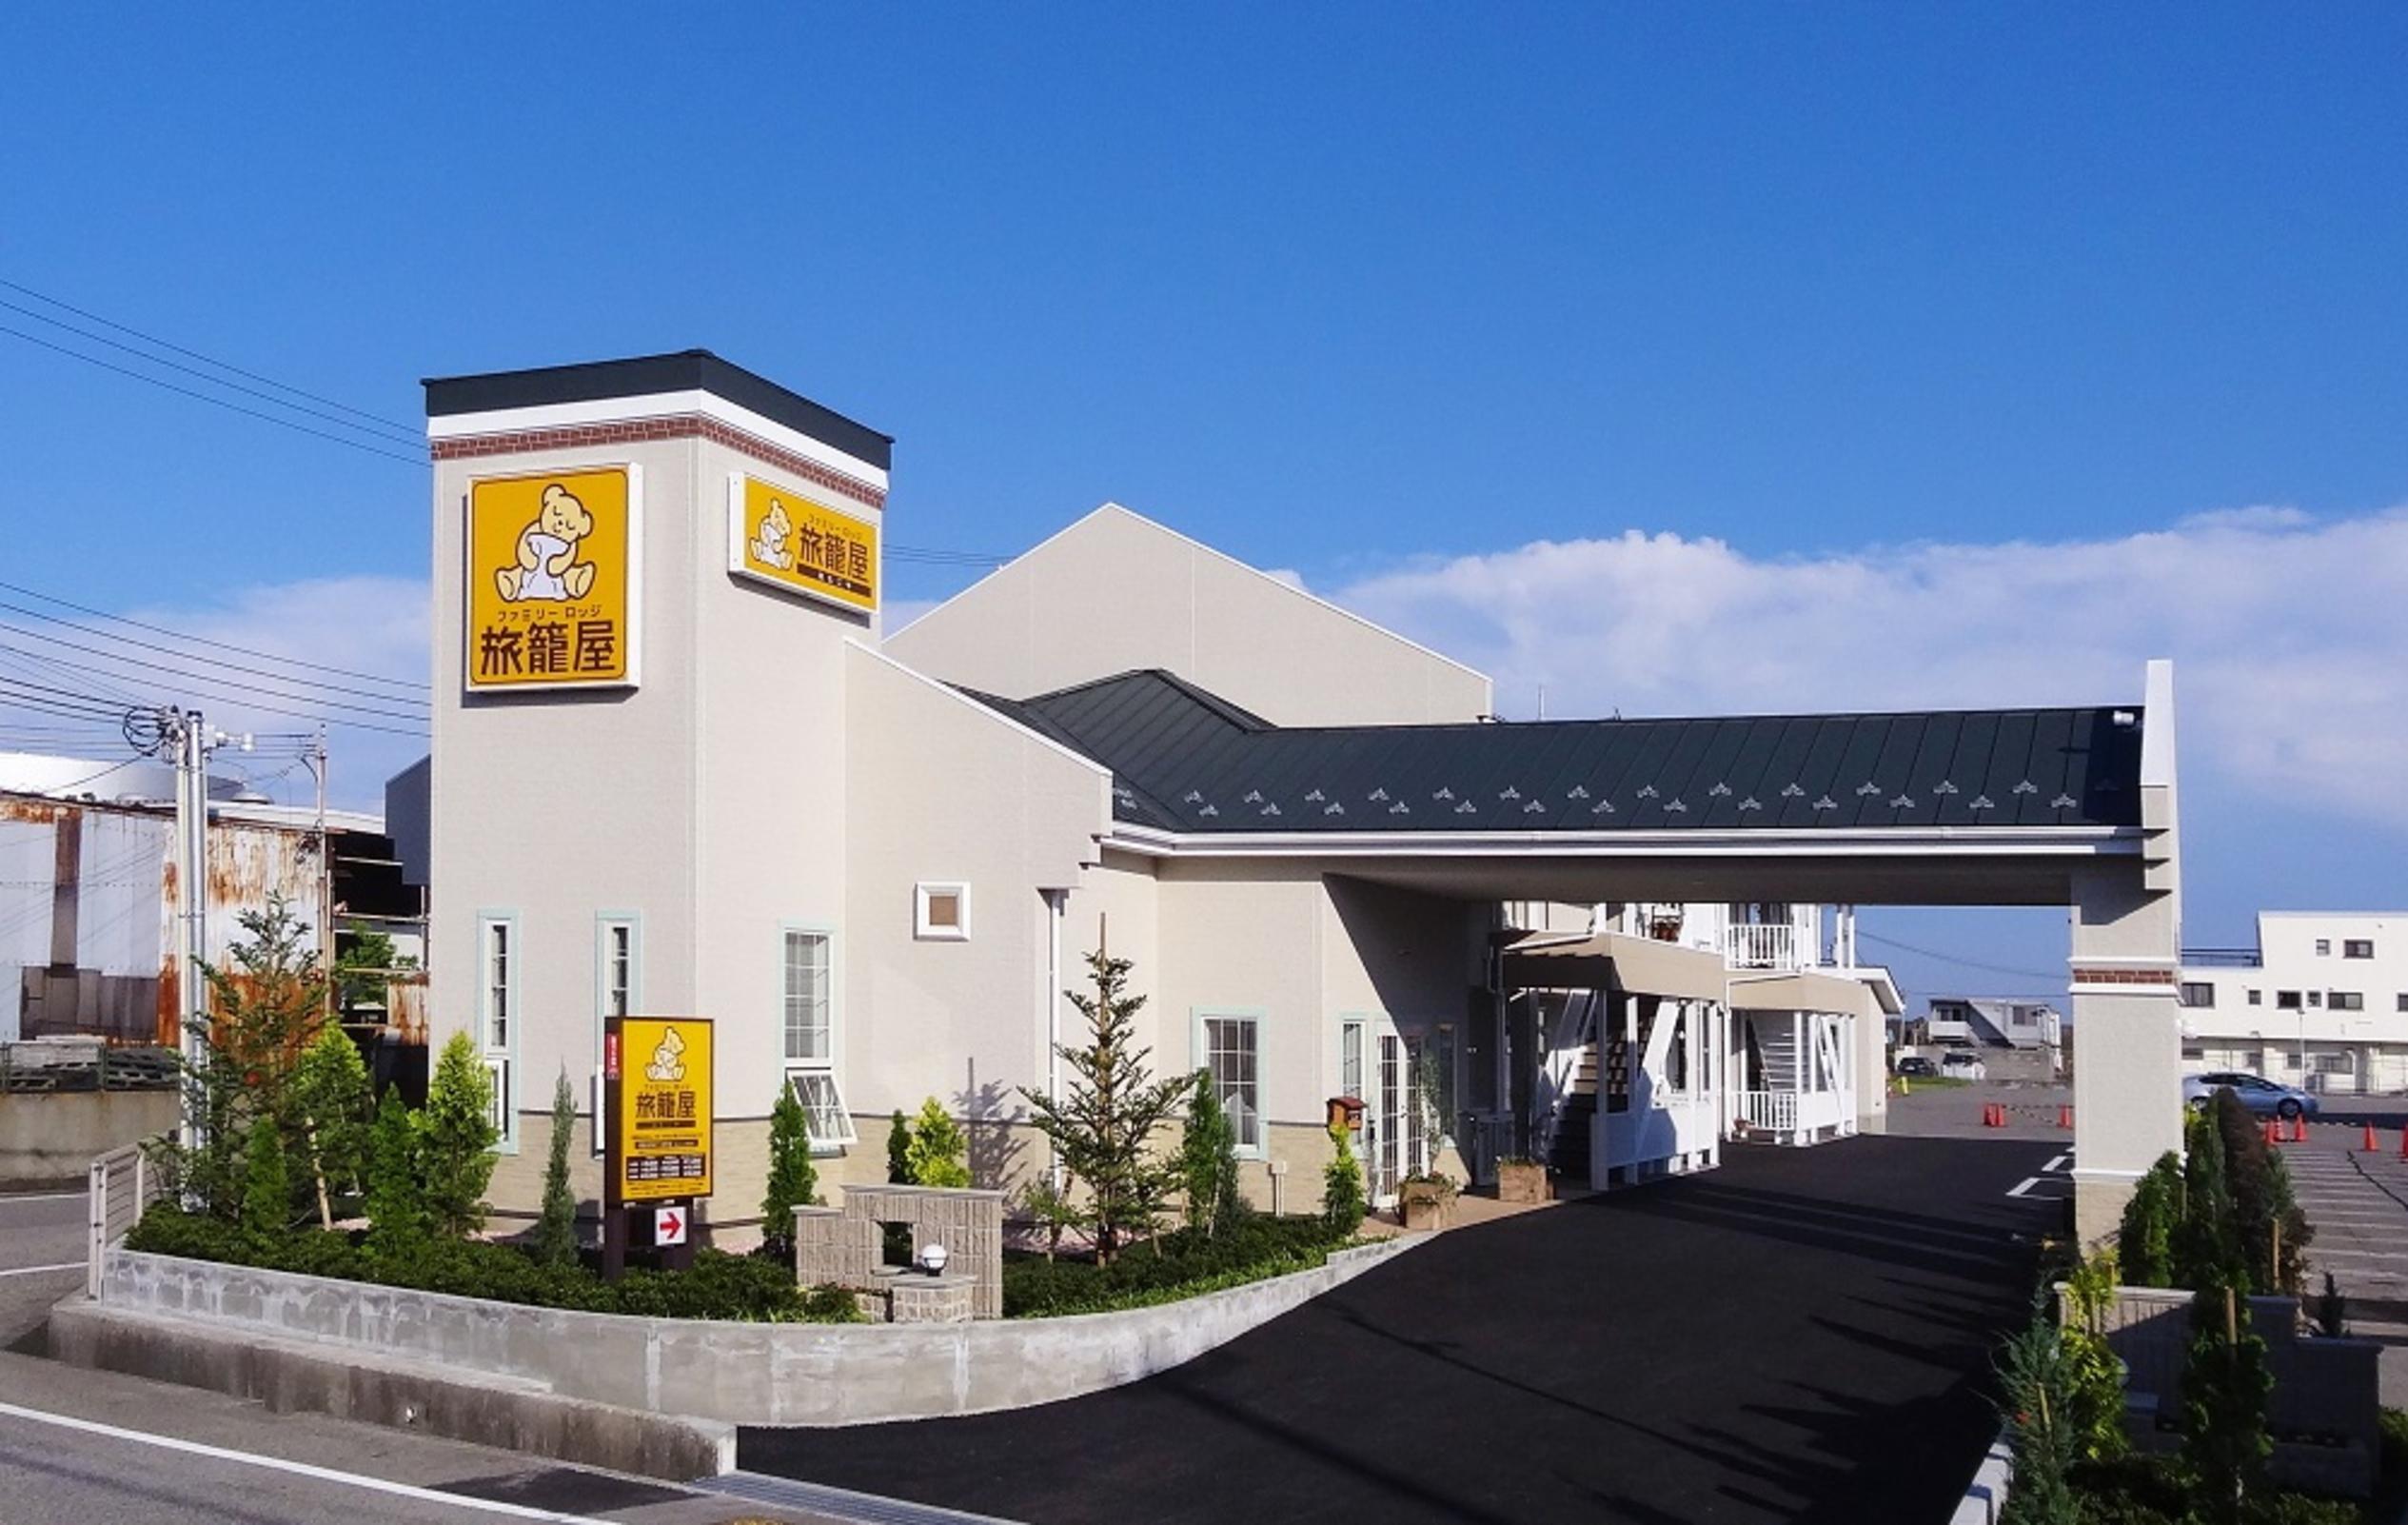 ファミリーロッジ旅籠屋・神戸須磨店 宿泊予約【楽天トラベル】